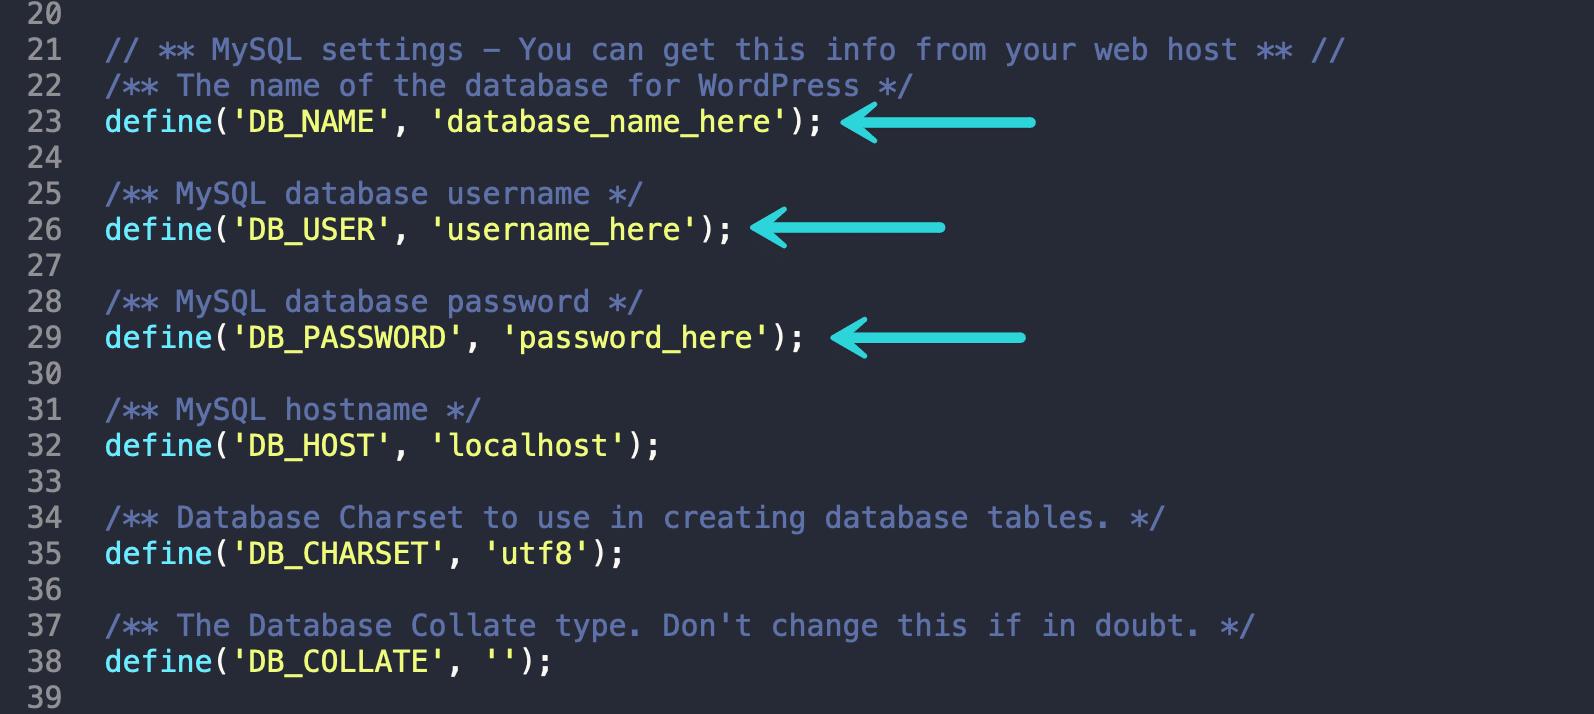 MySQL inställningar i wp-config.php